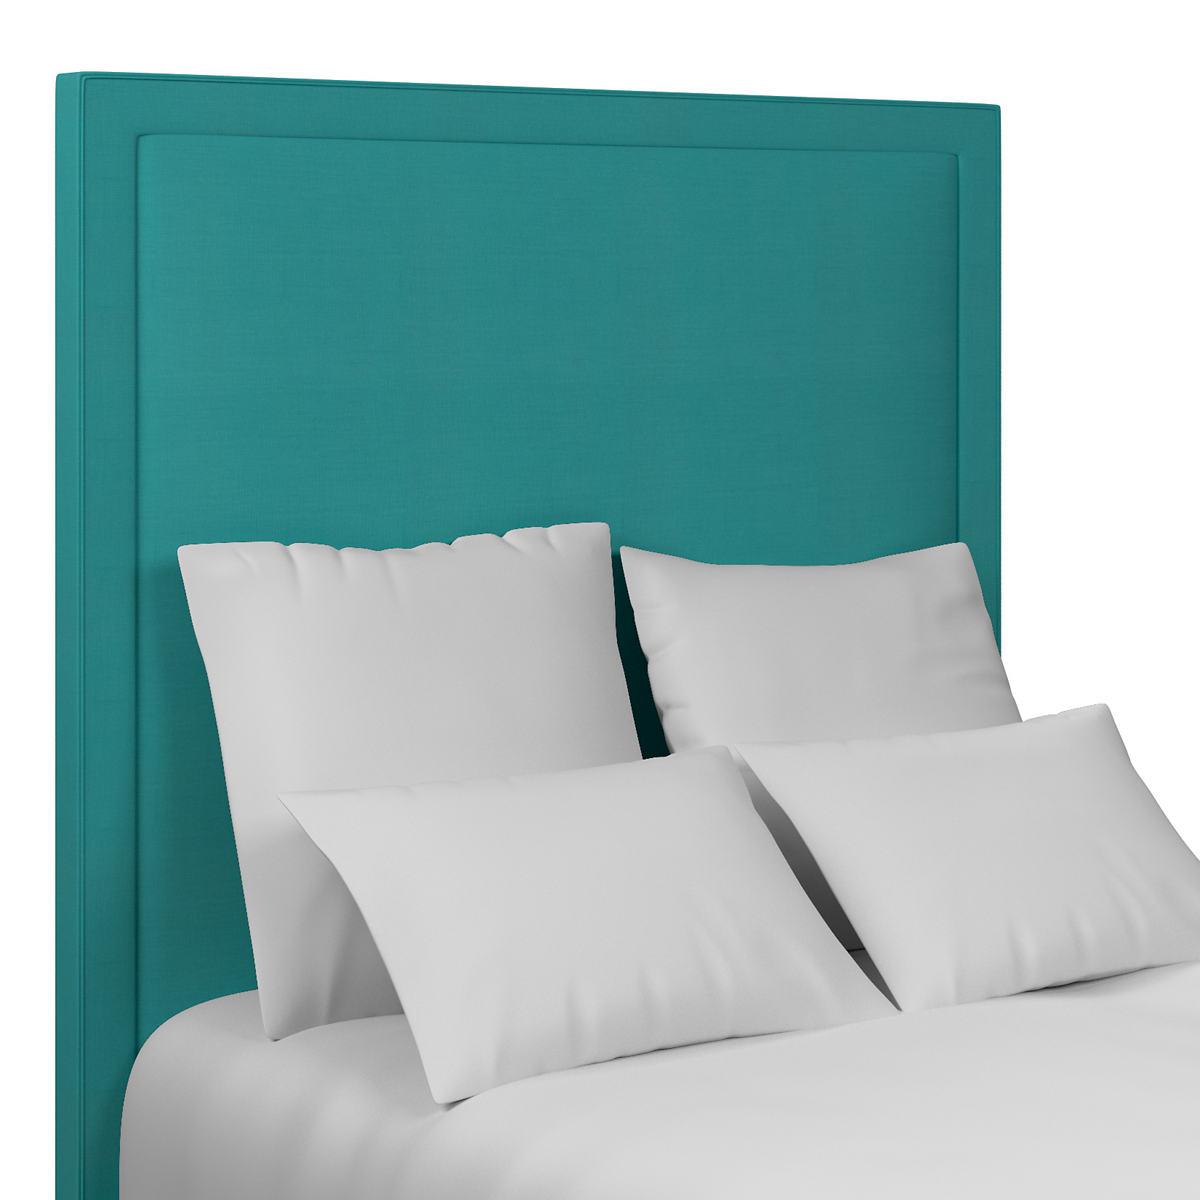 Estate Linen Turquoise Stonington Headboard